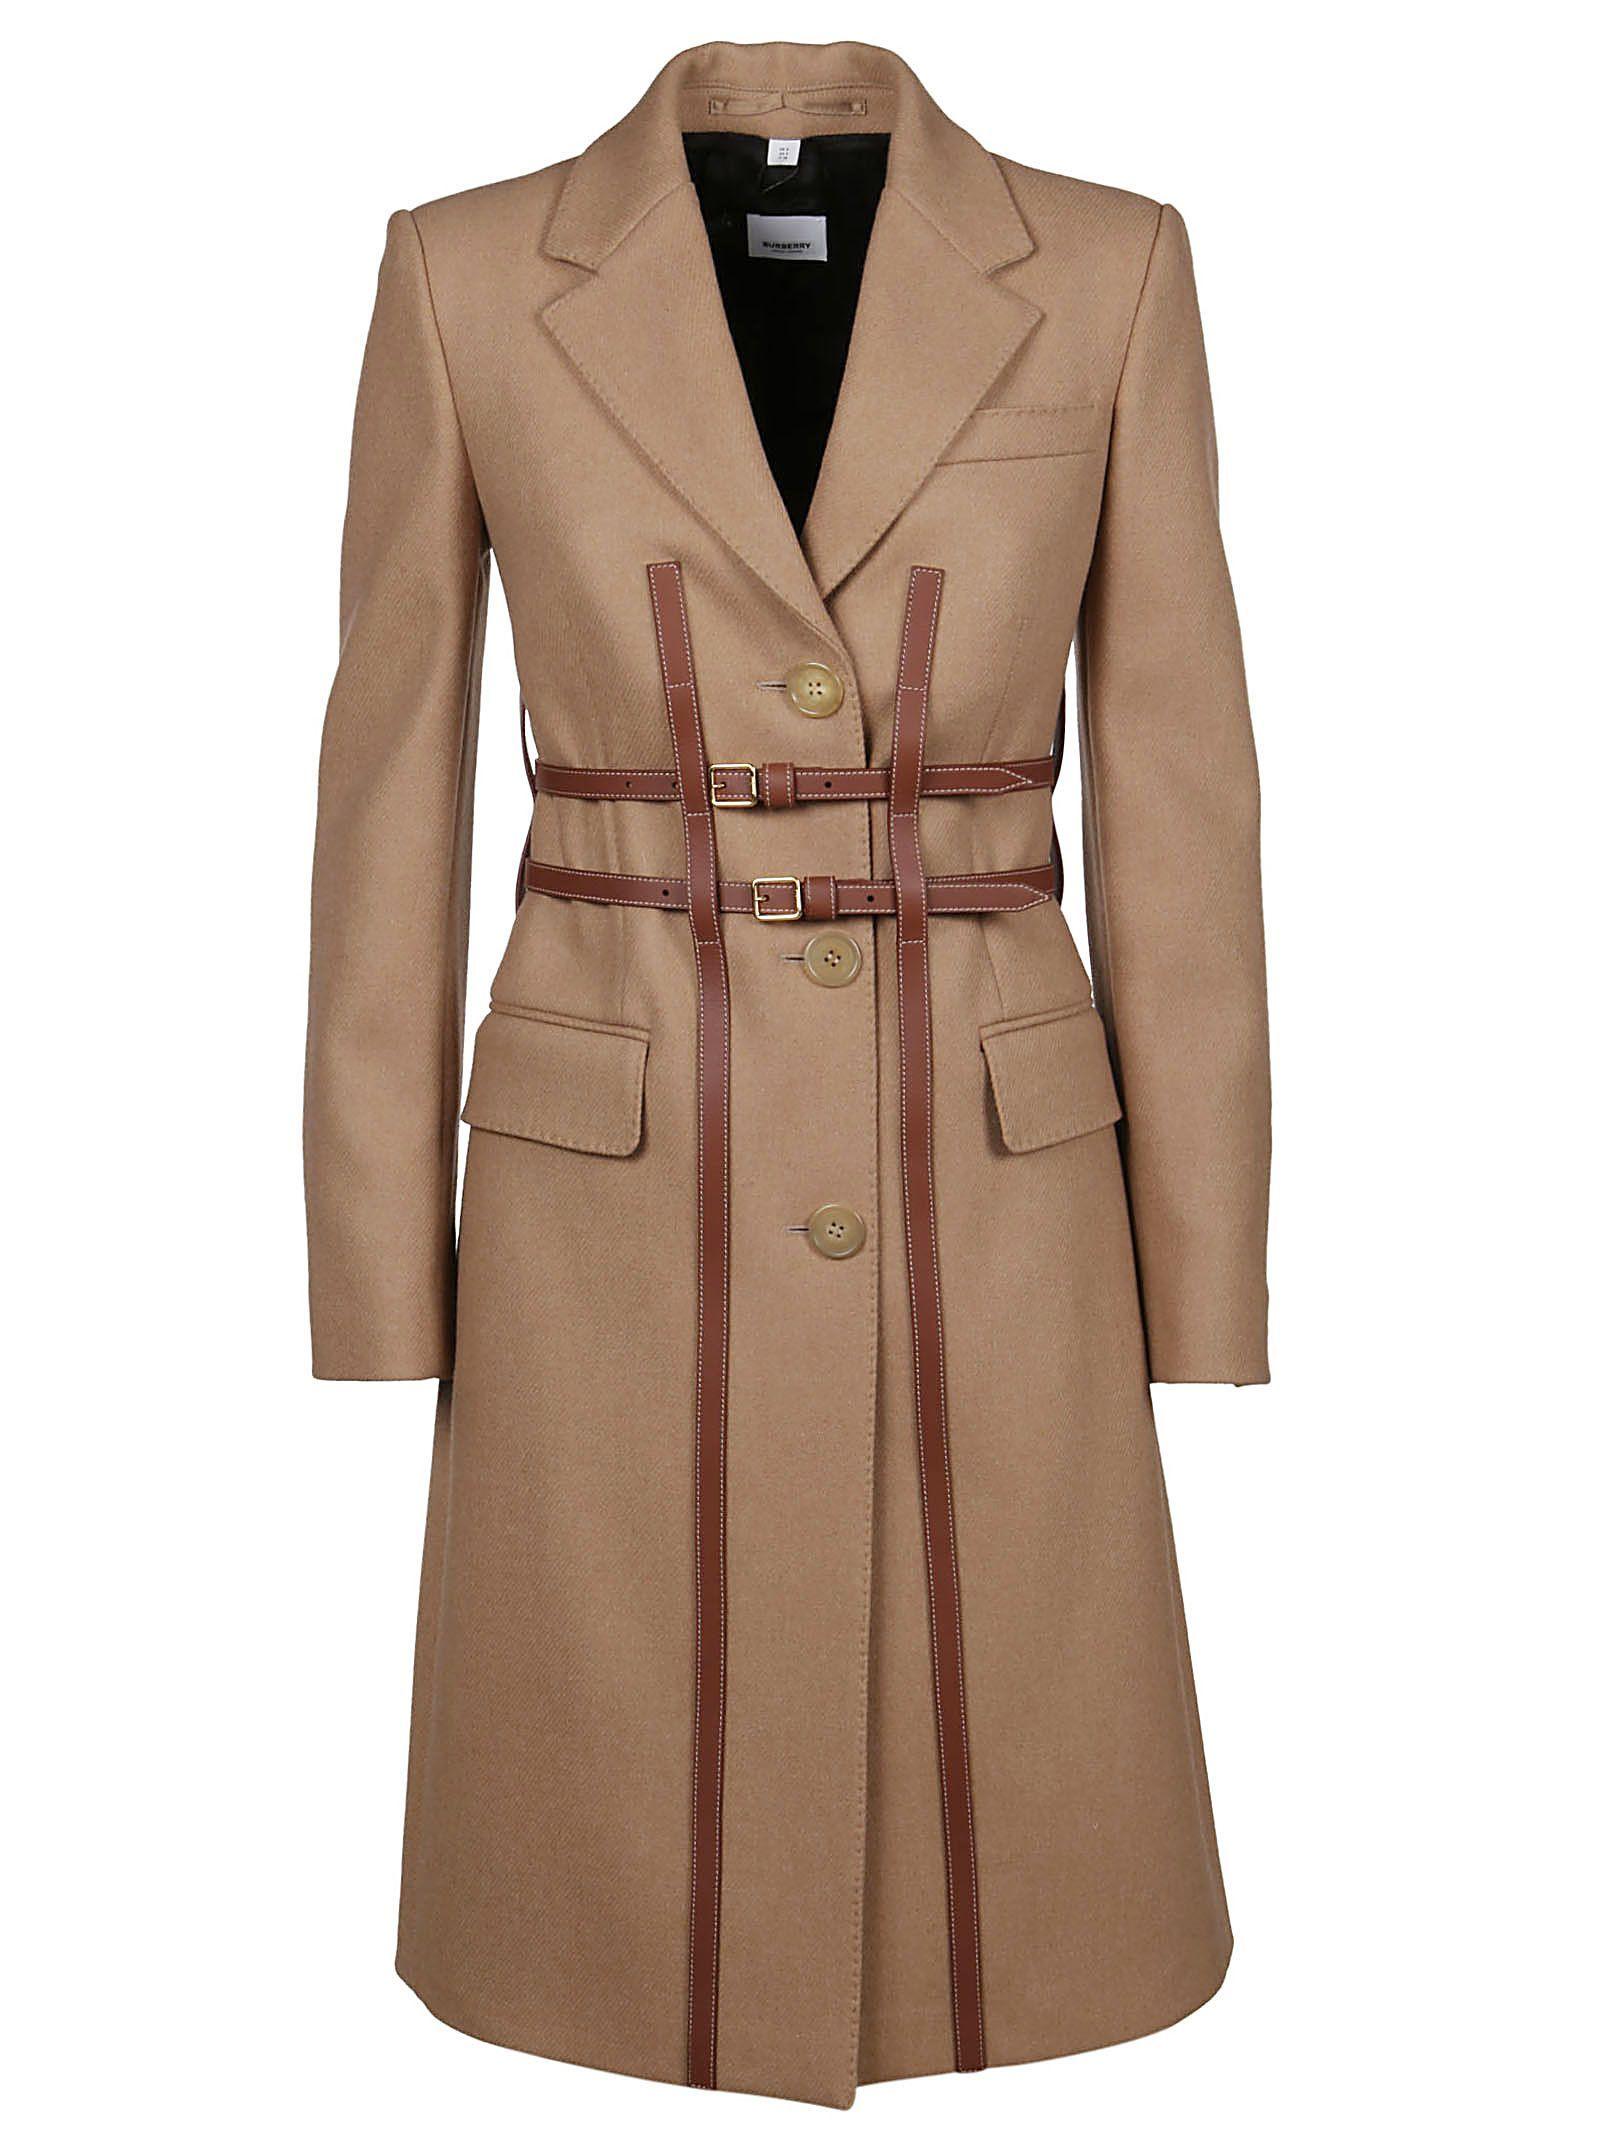 BURBERRY WOMEN'S 8014171 BROWN WOOL COAT